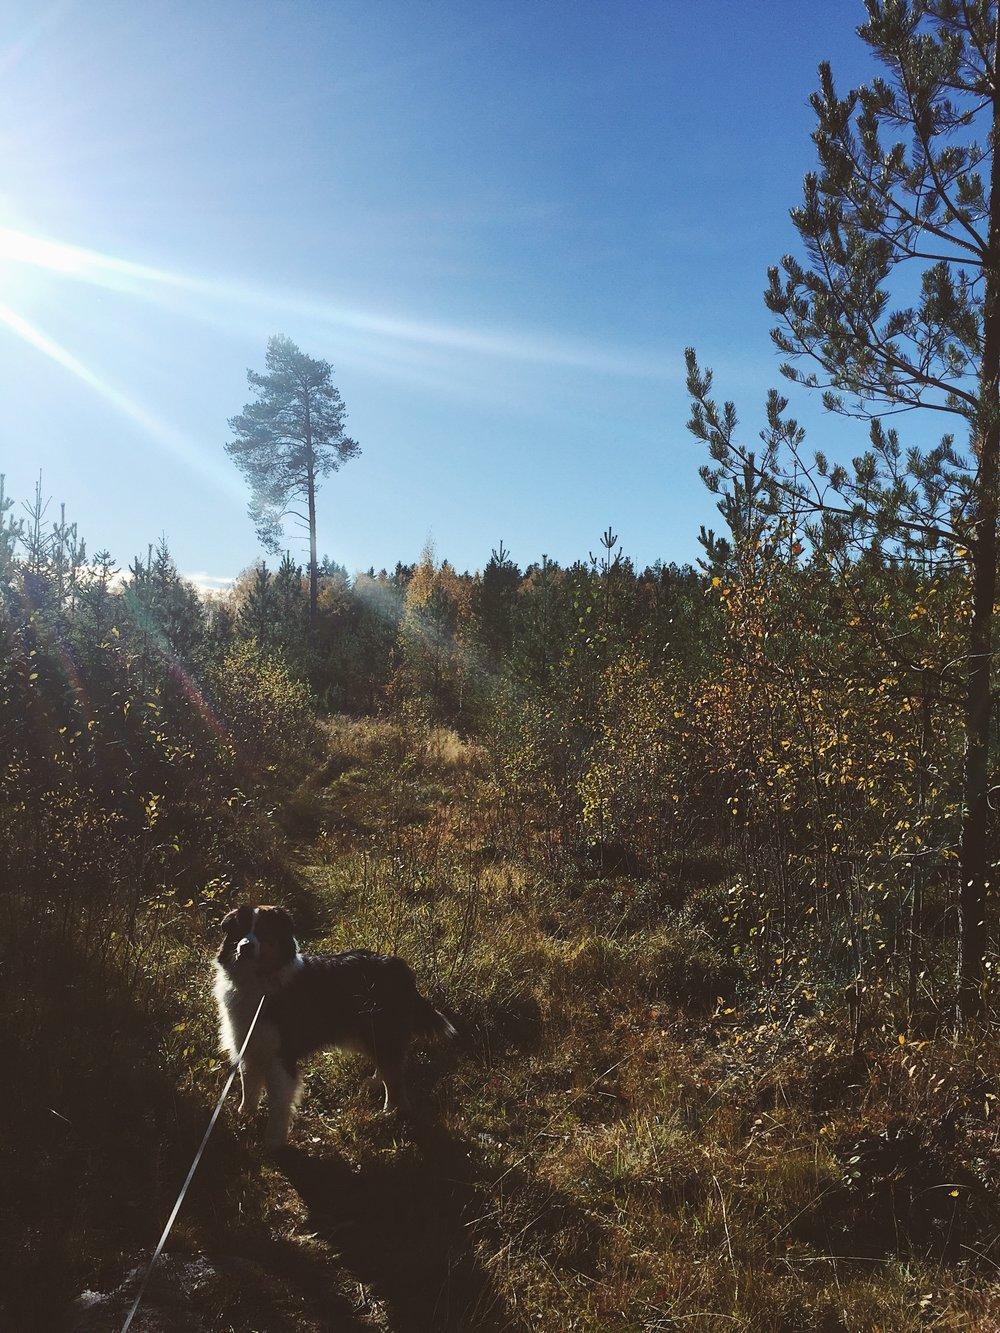 Med mina föräldrars hund Nelson, den australiska vallhunden, i skogarna i helgen.